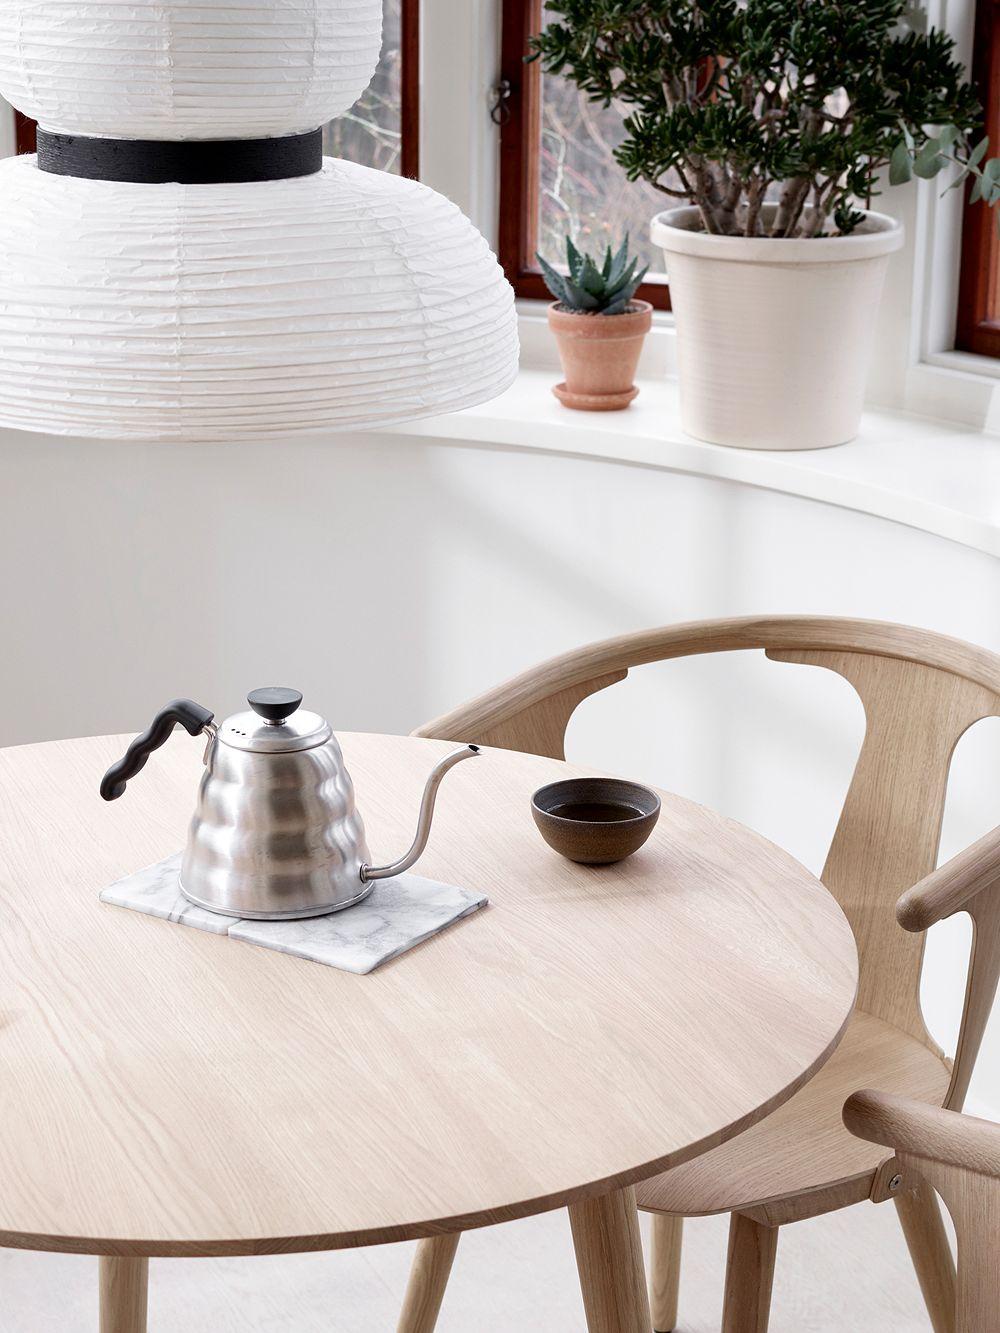 Hario's Buono kettle